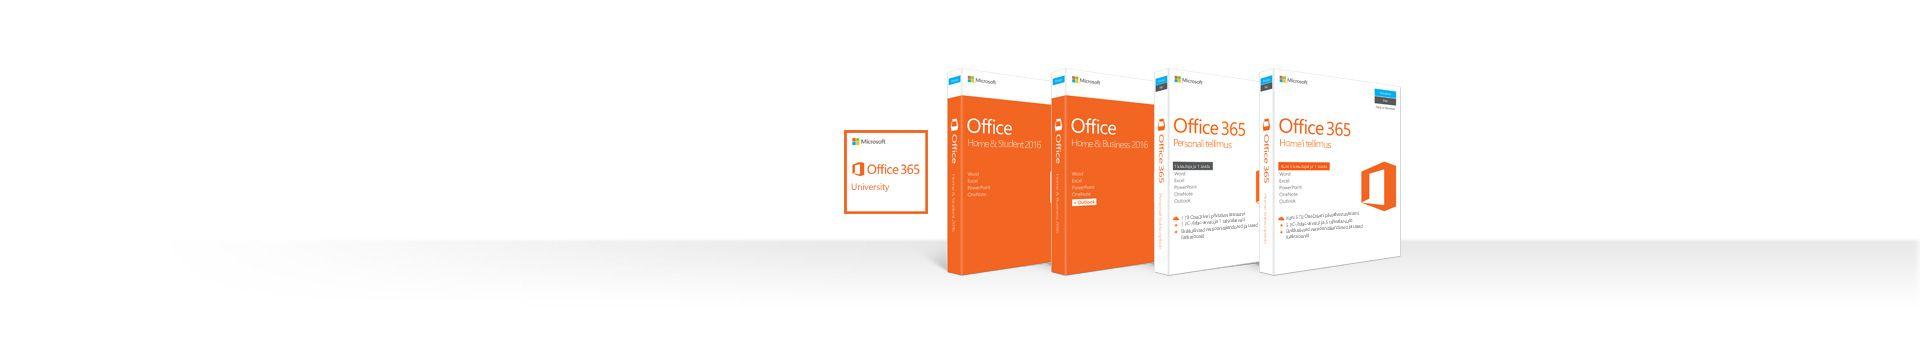 Karpide rida, mis tähistab Office'i tellimusi ja omaette tooteid Mac-arvuti jaoks